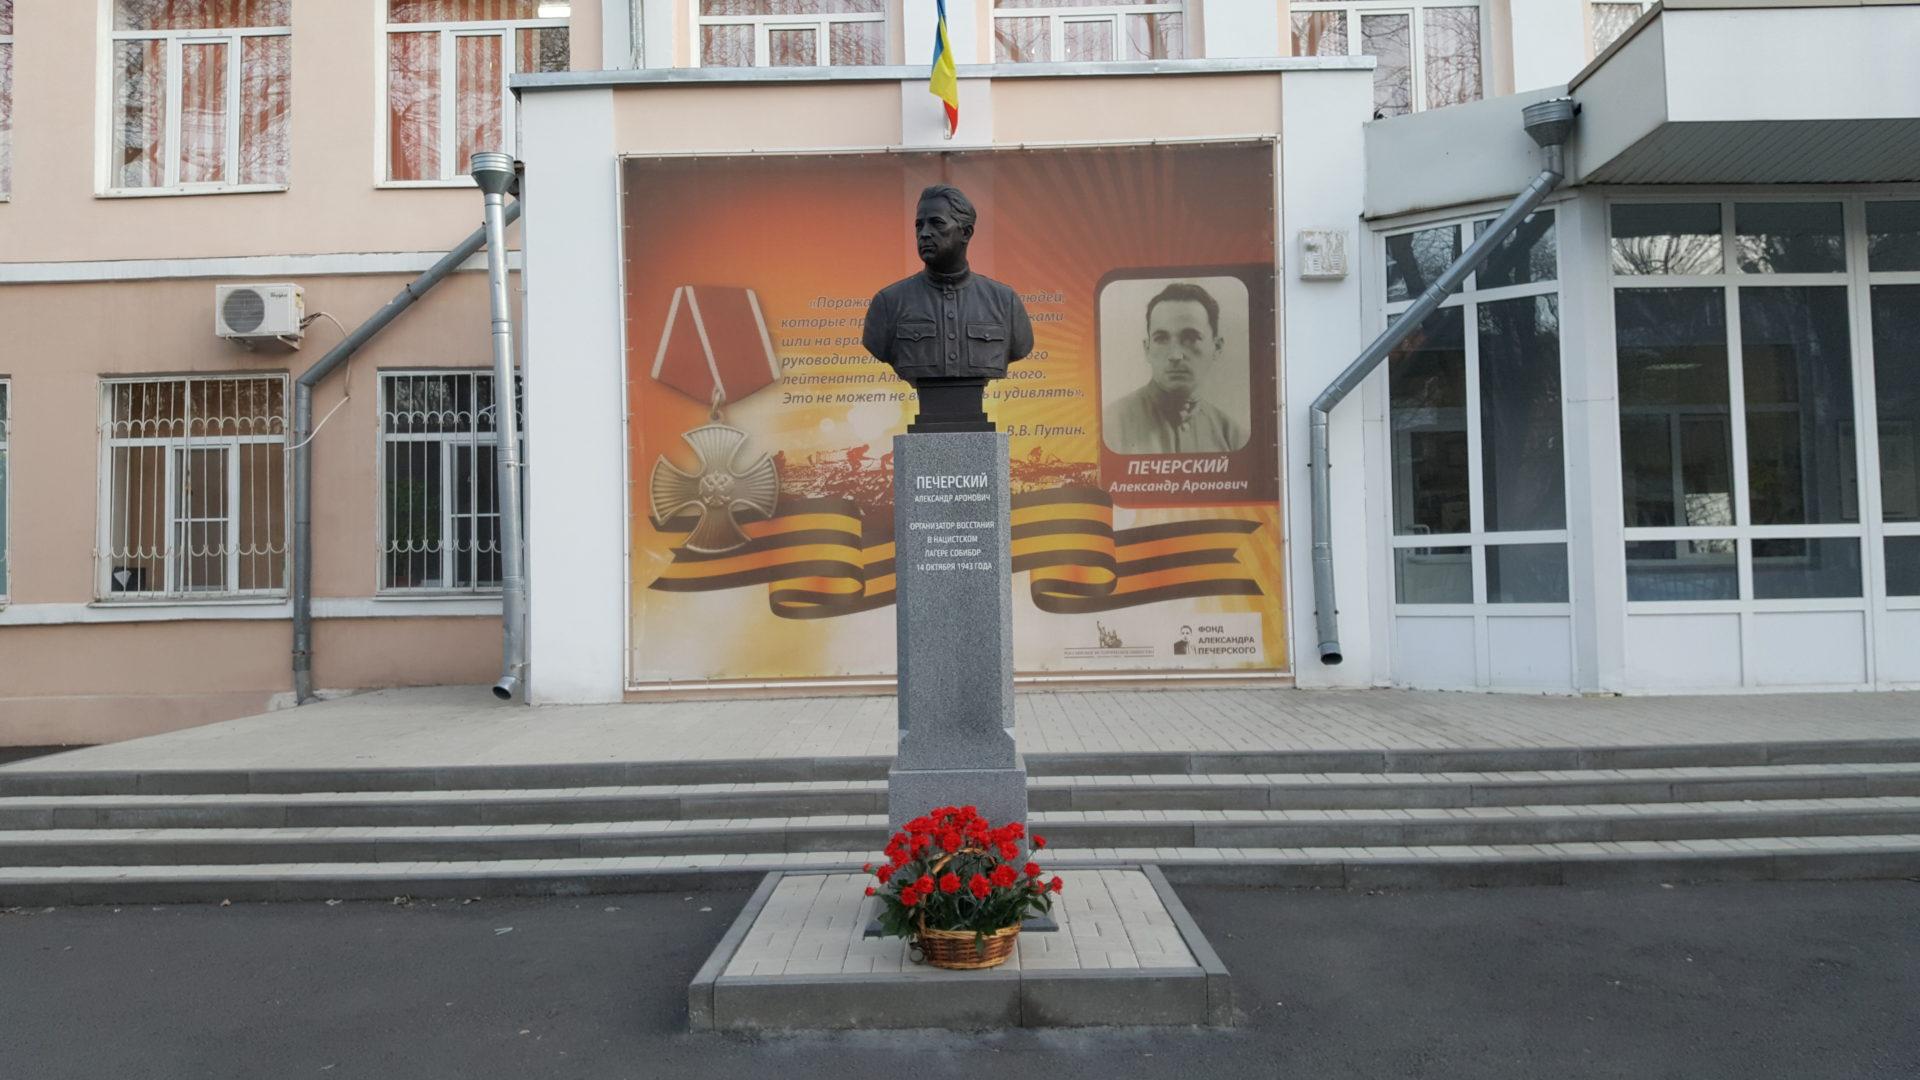 В Ростове-на-Дону прошли мероприятия памяти Александра Печерского